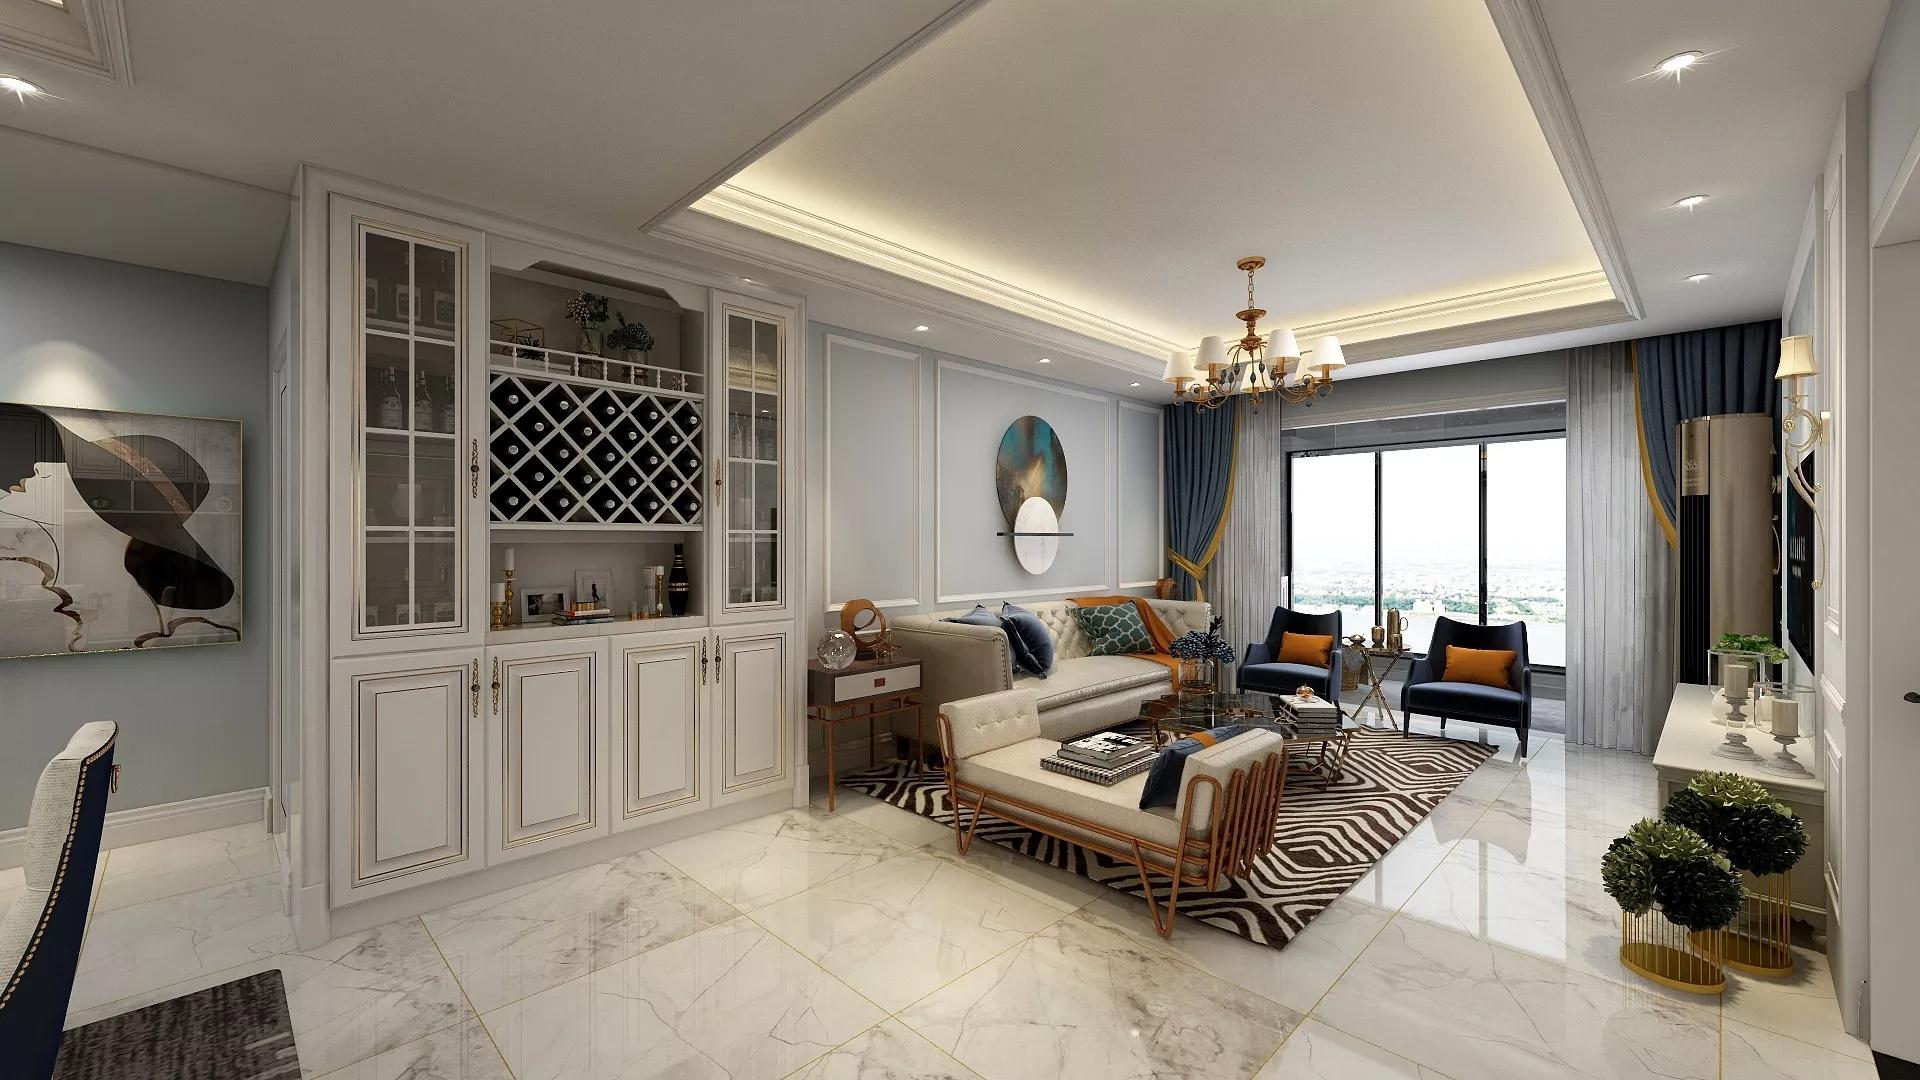 现代前卫风格大气奢华客厅装修效果图